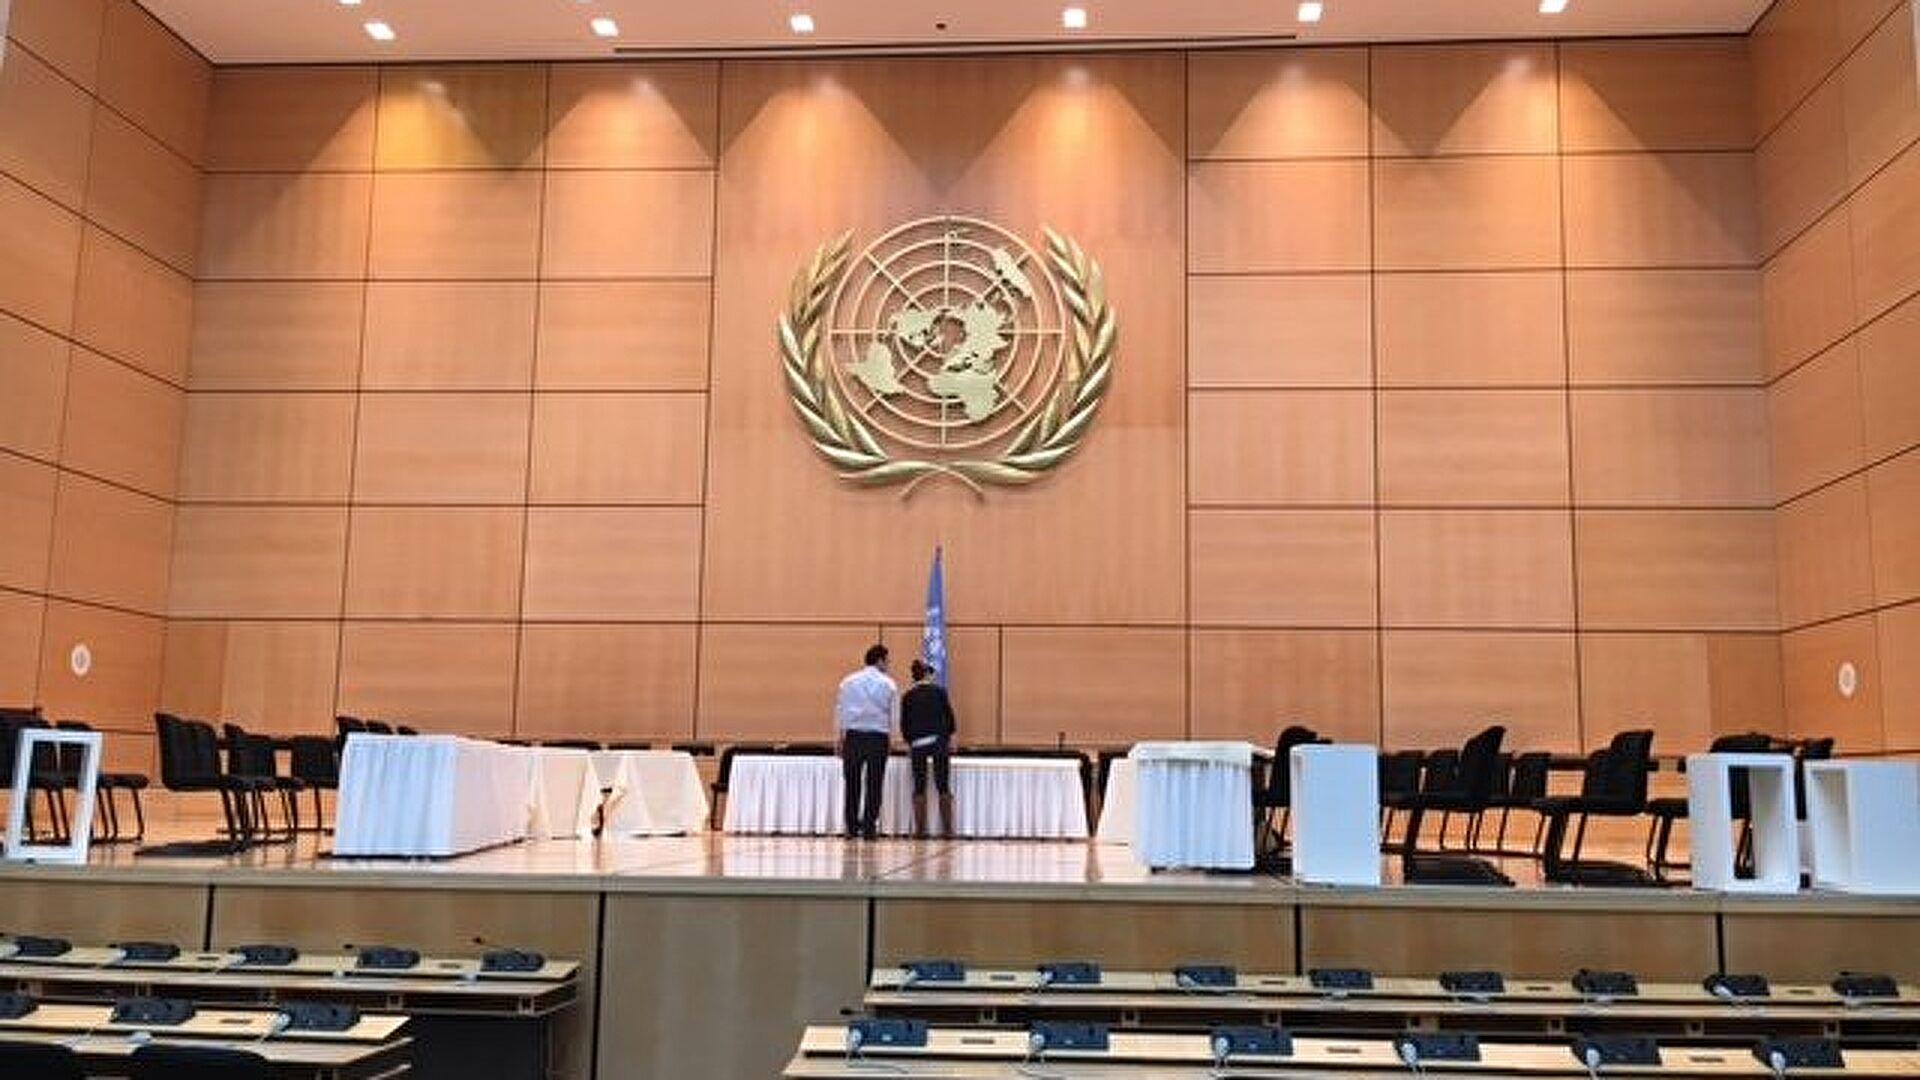 Женевский офис ООН готов провести встречу Путина и Байдена